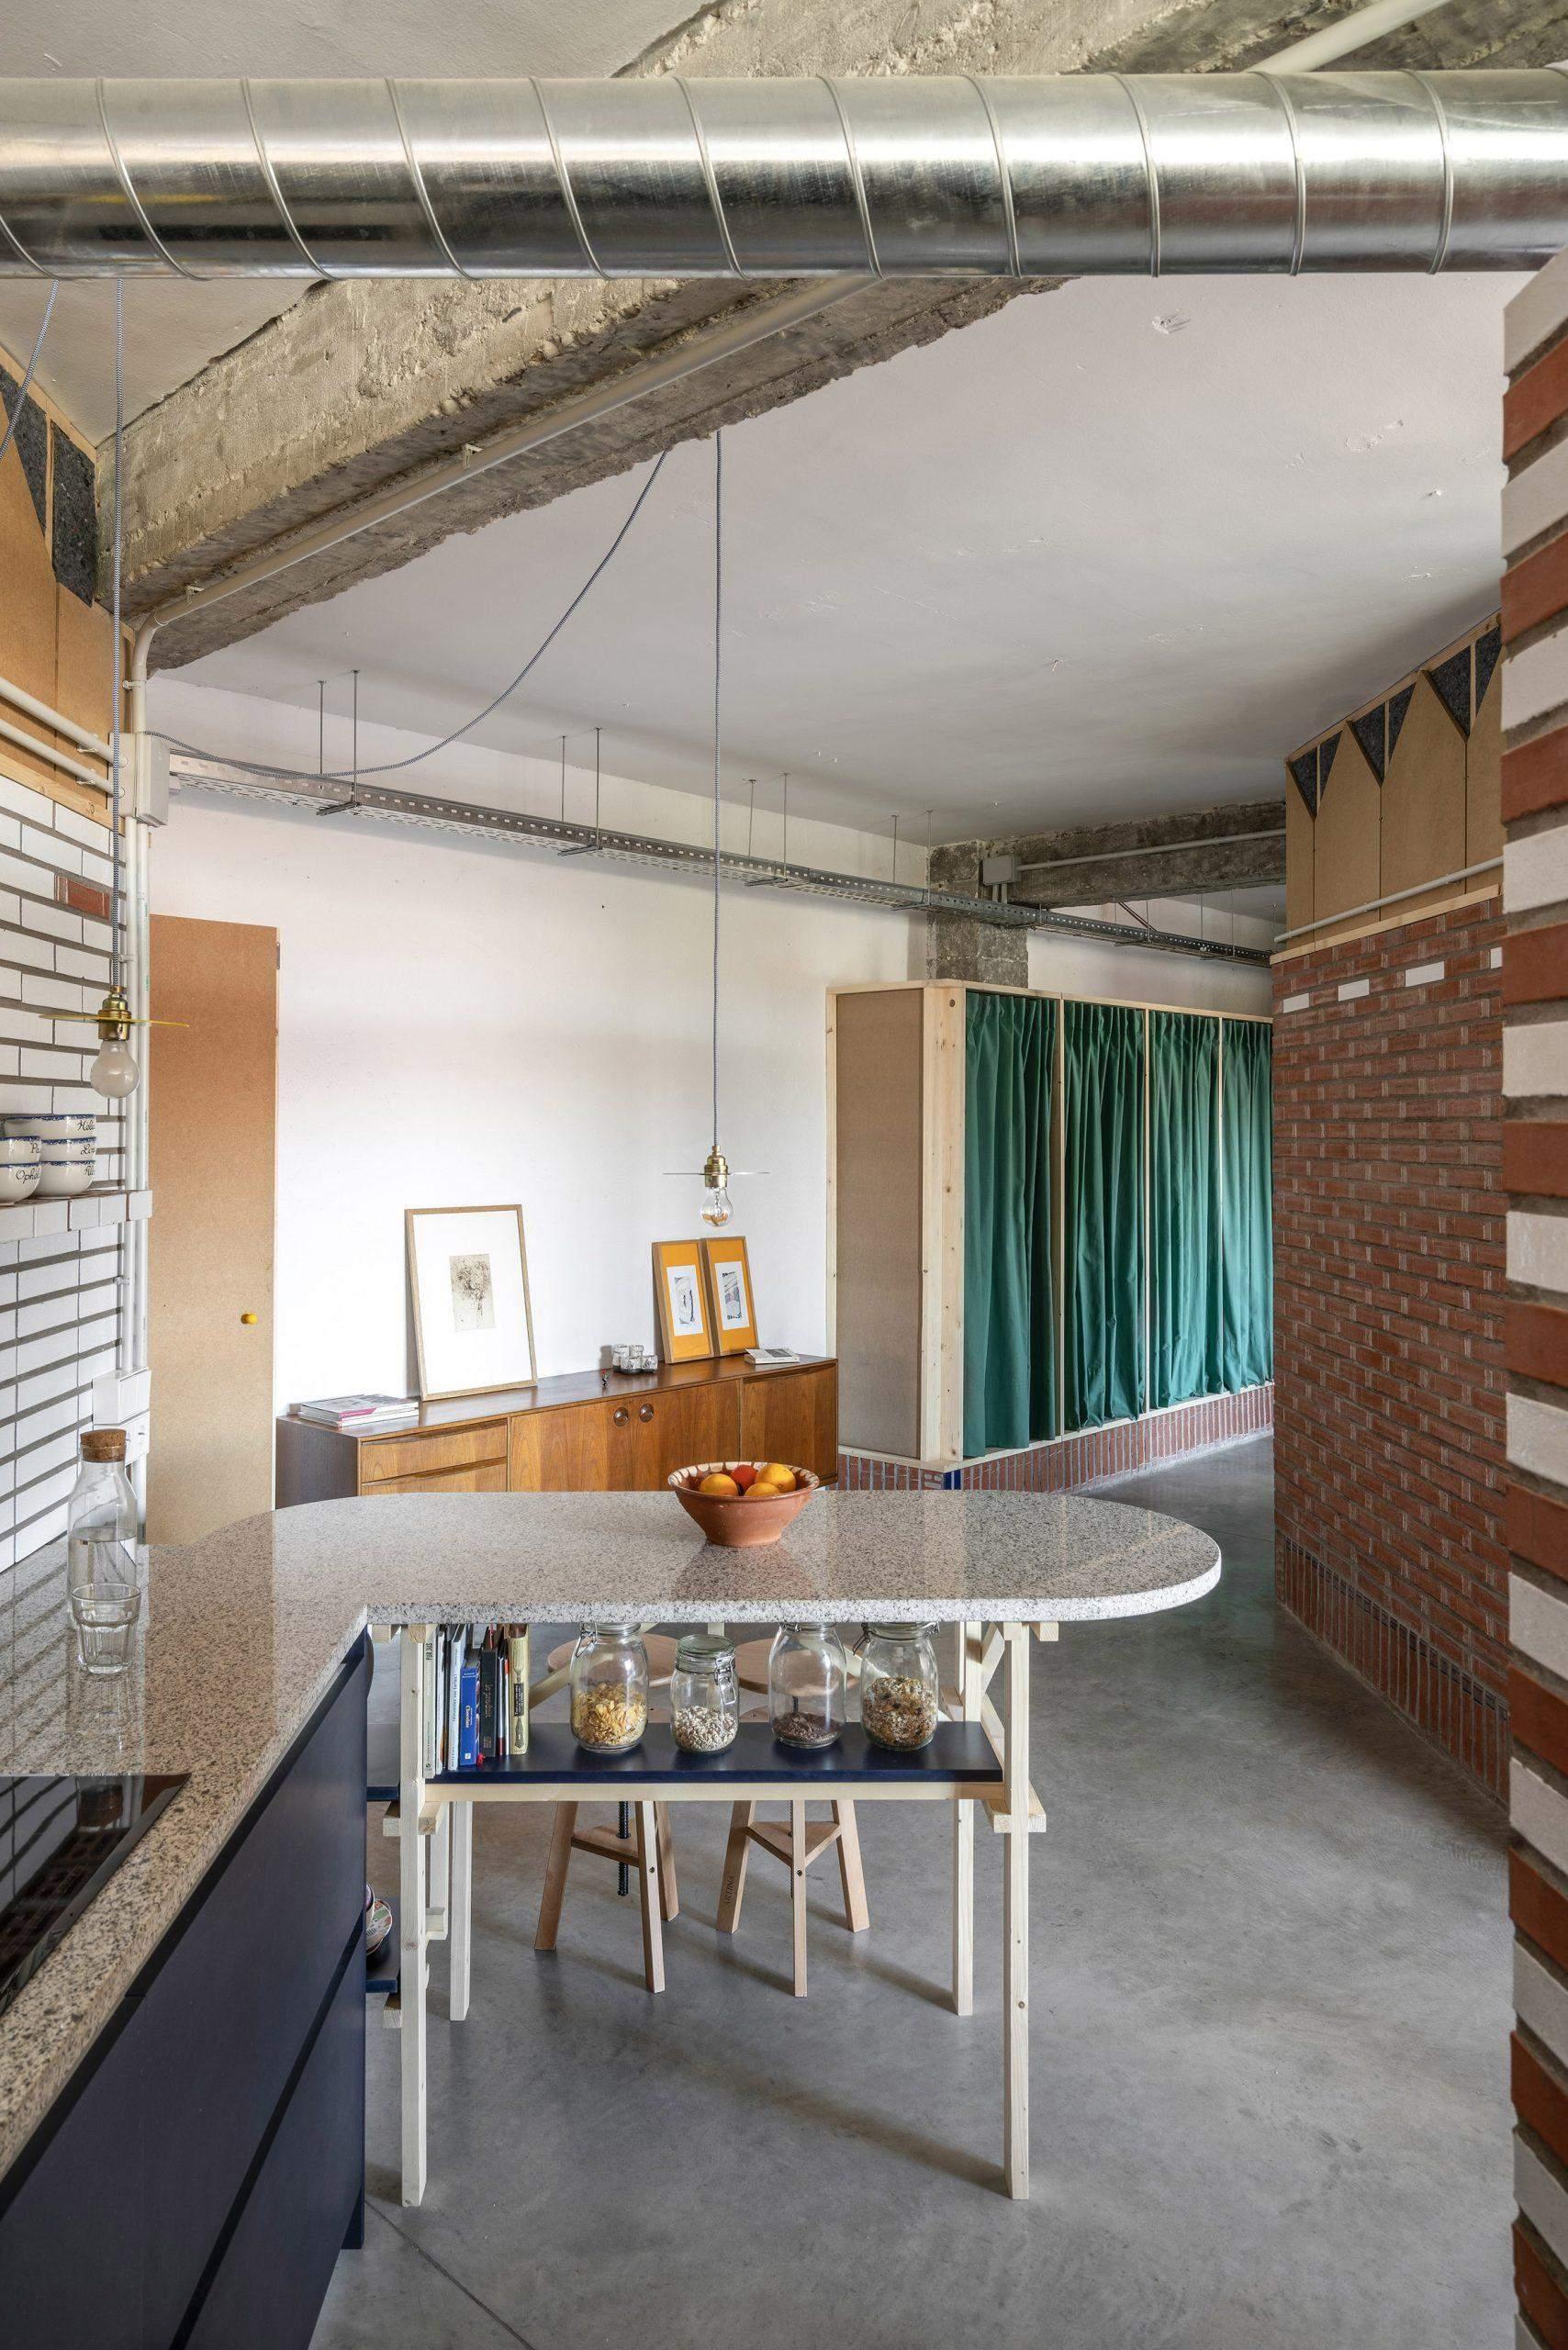 Потолок остался таким, как был в типографии